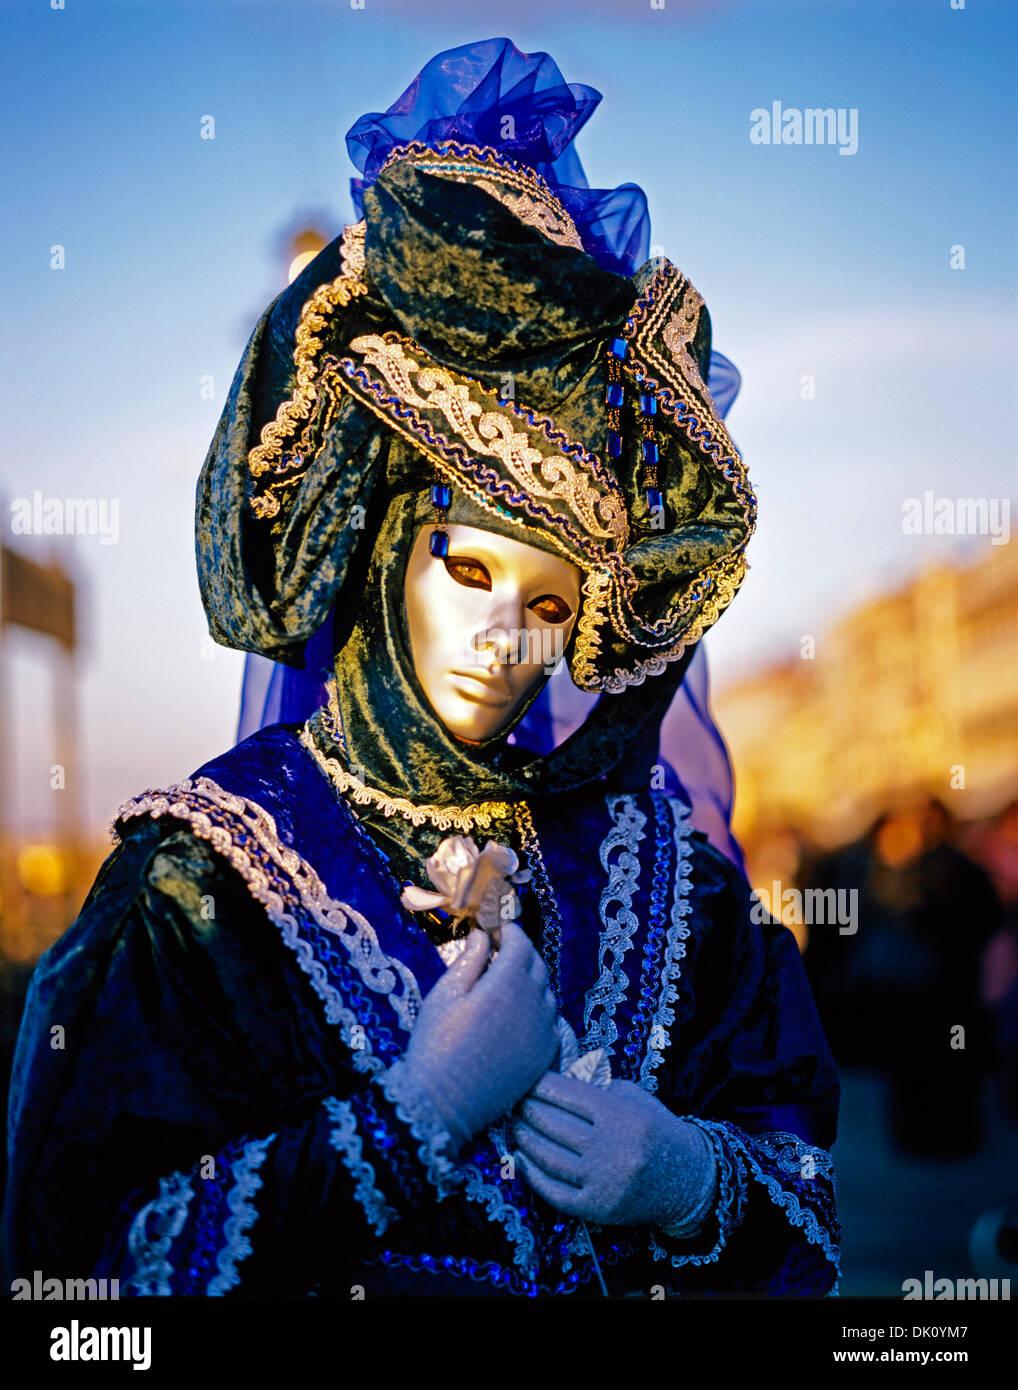 Partecipante in costume all annuale Carnevale mascherato, Venezia, Italia e Europa Foto Stock